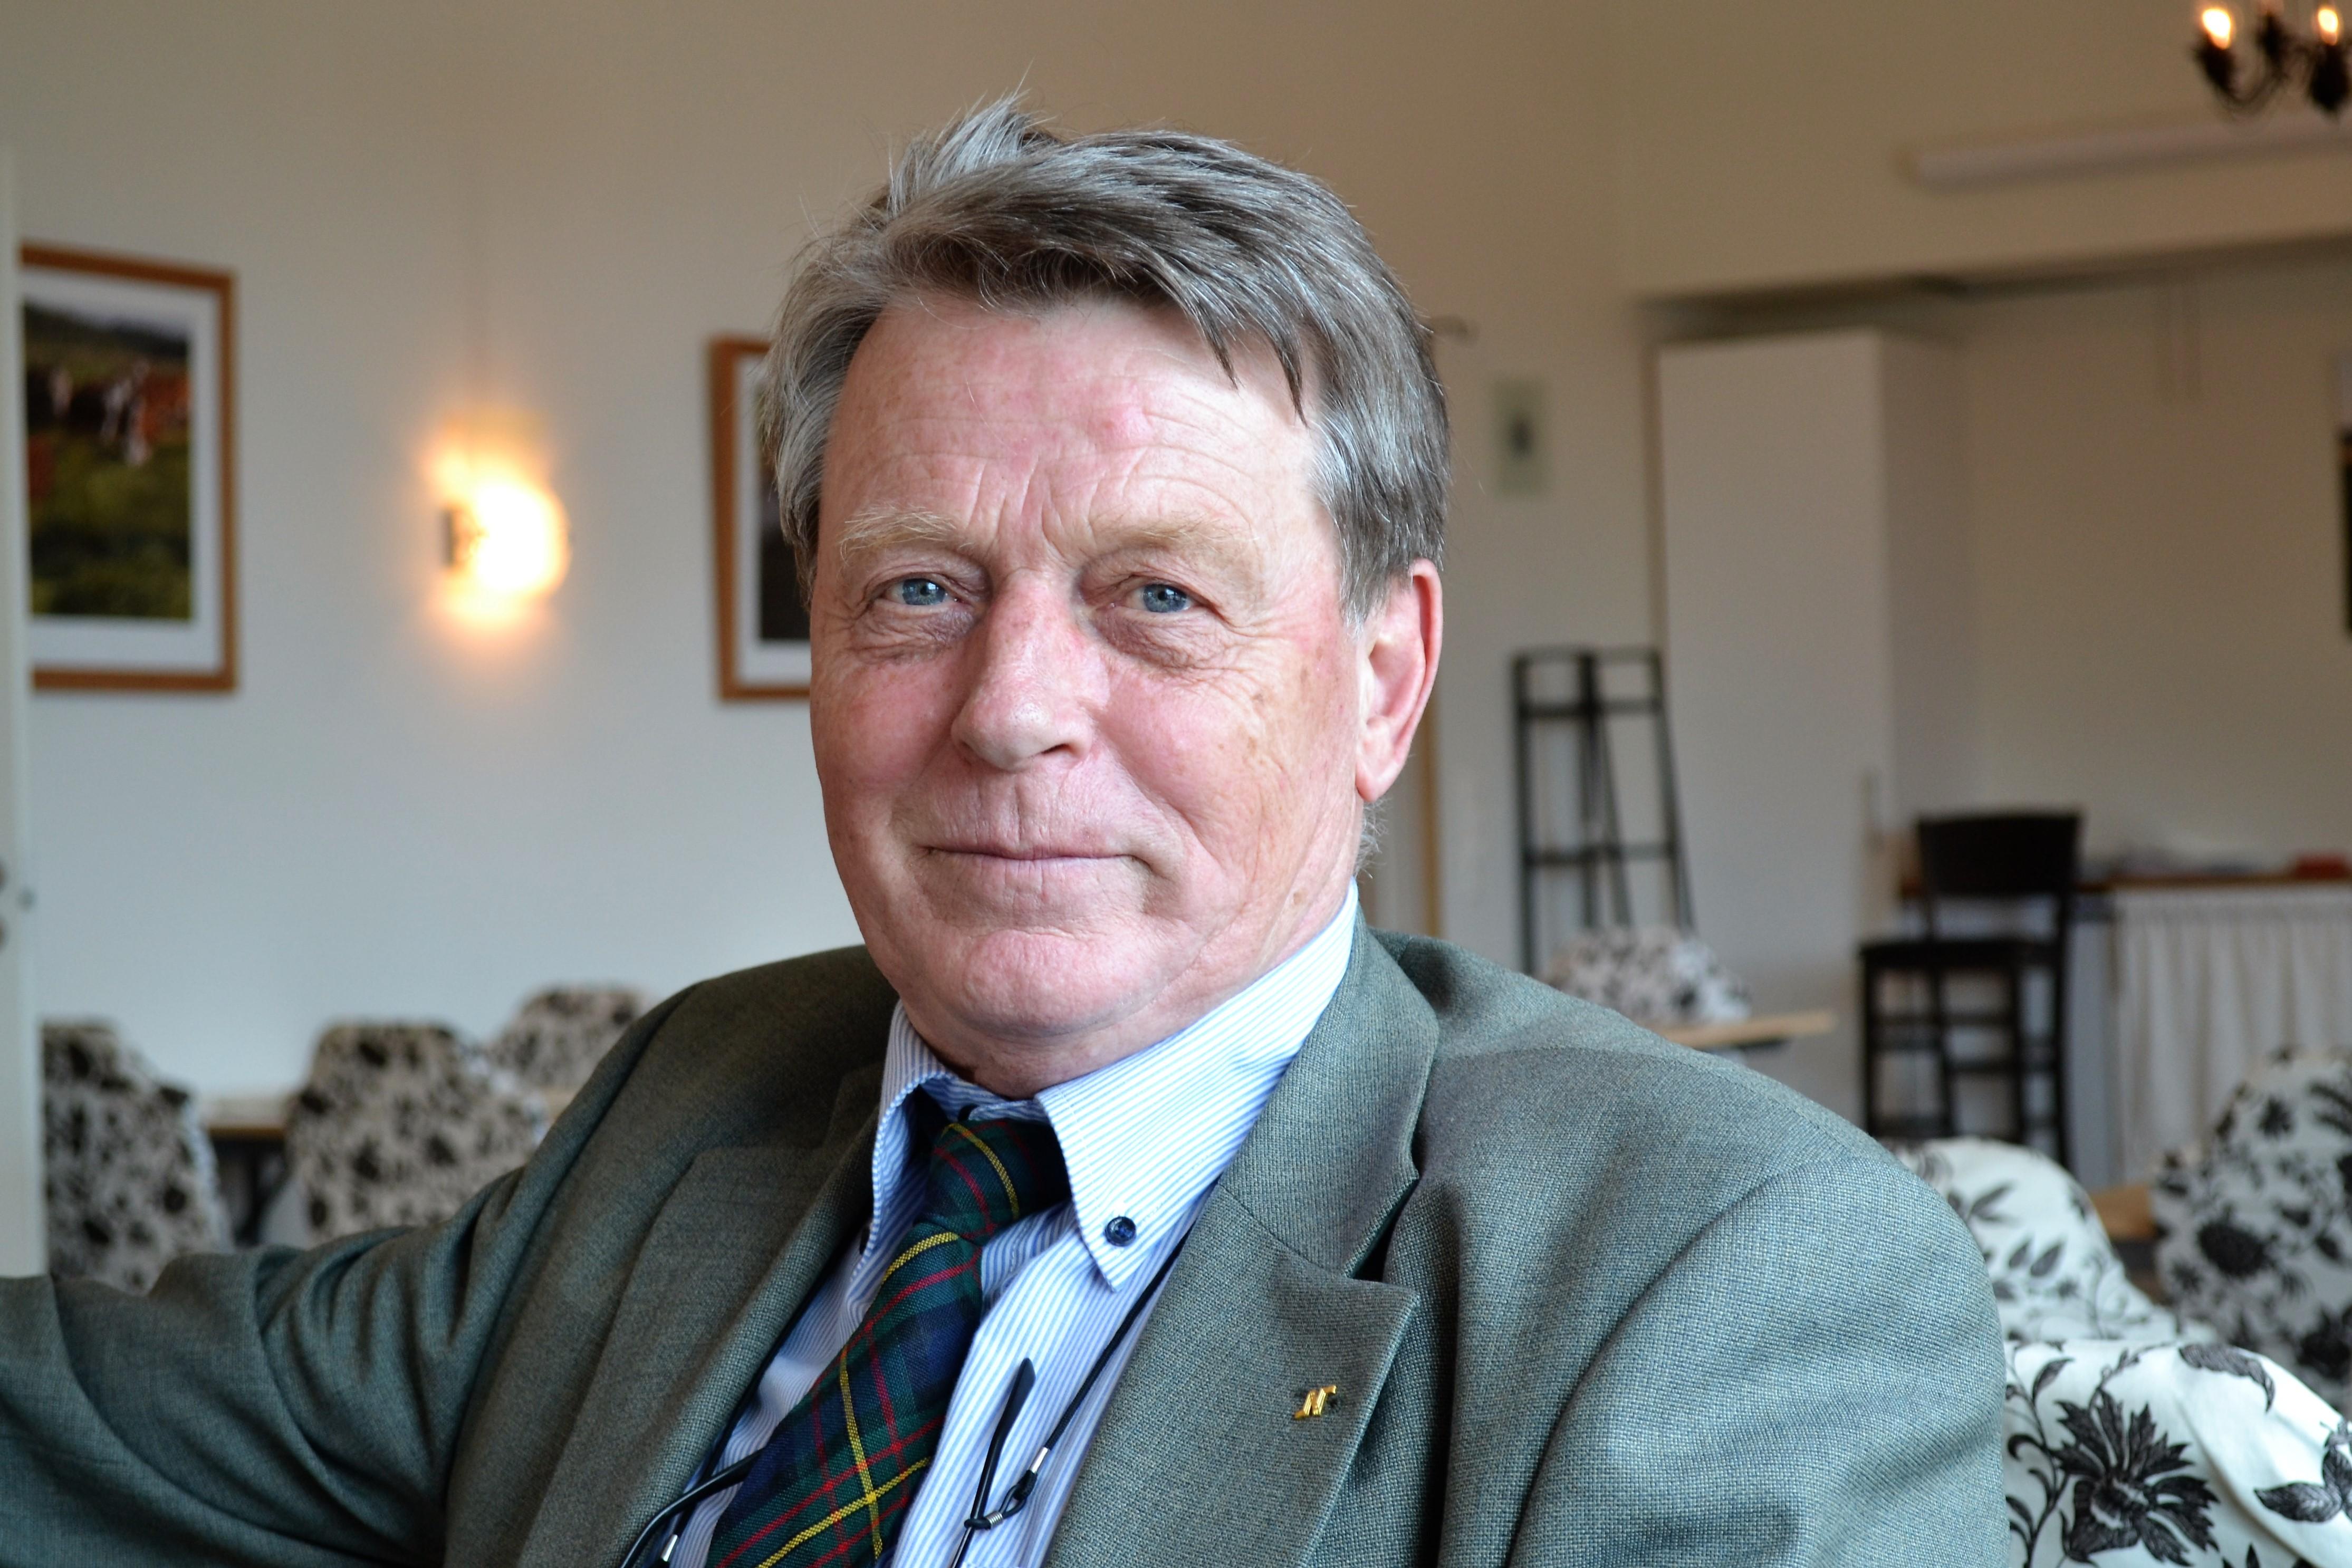 Ett begravningsombud ska granska hur huvudmannen tar tillvara på de personers intresse som inte tillhör Svenska kyrkan. Ebbe Ericsson arbetar med detta i Finspång och Norrköping.